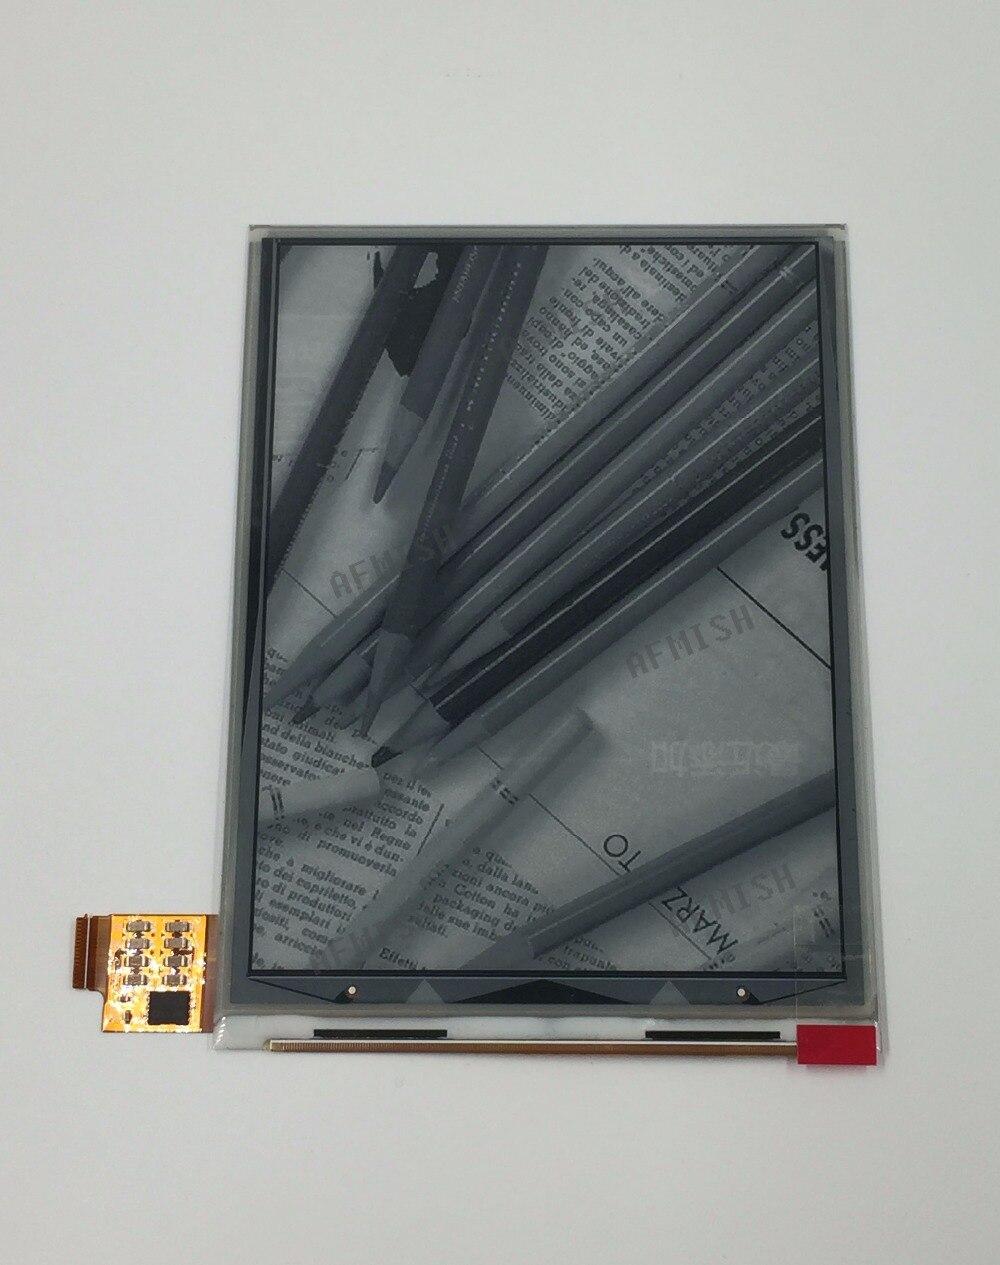 Tinta electrónica de 6 pulgadas para lectores de libros electrónicos, pantalla LCD de 6 pulgadas, sin retroiluminación y táctil, ED060XC8 100%, nuevo, envío gratis